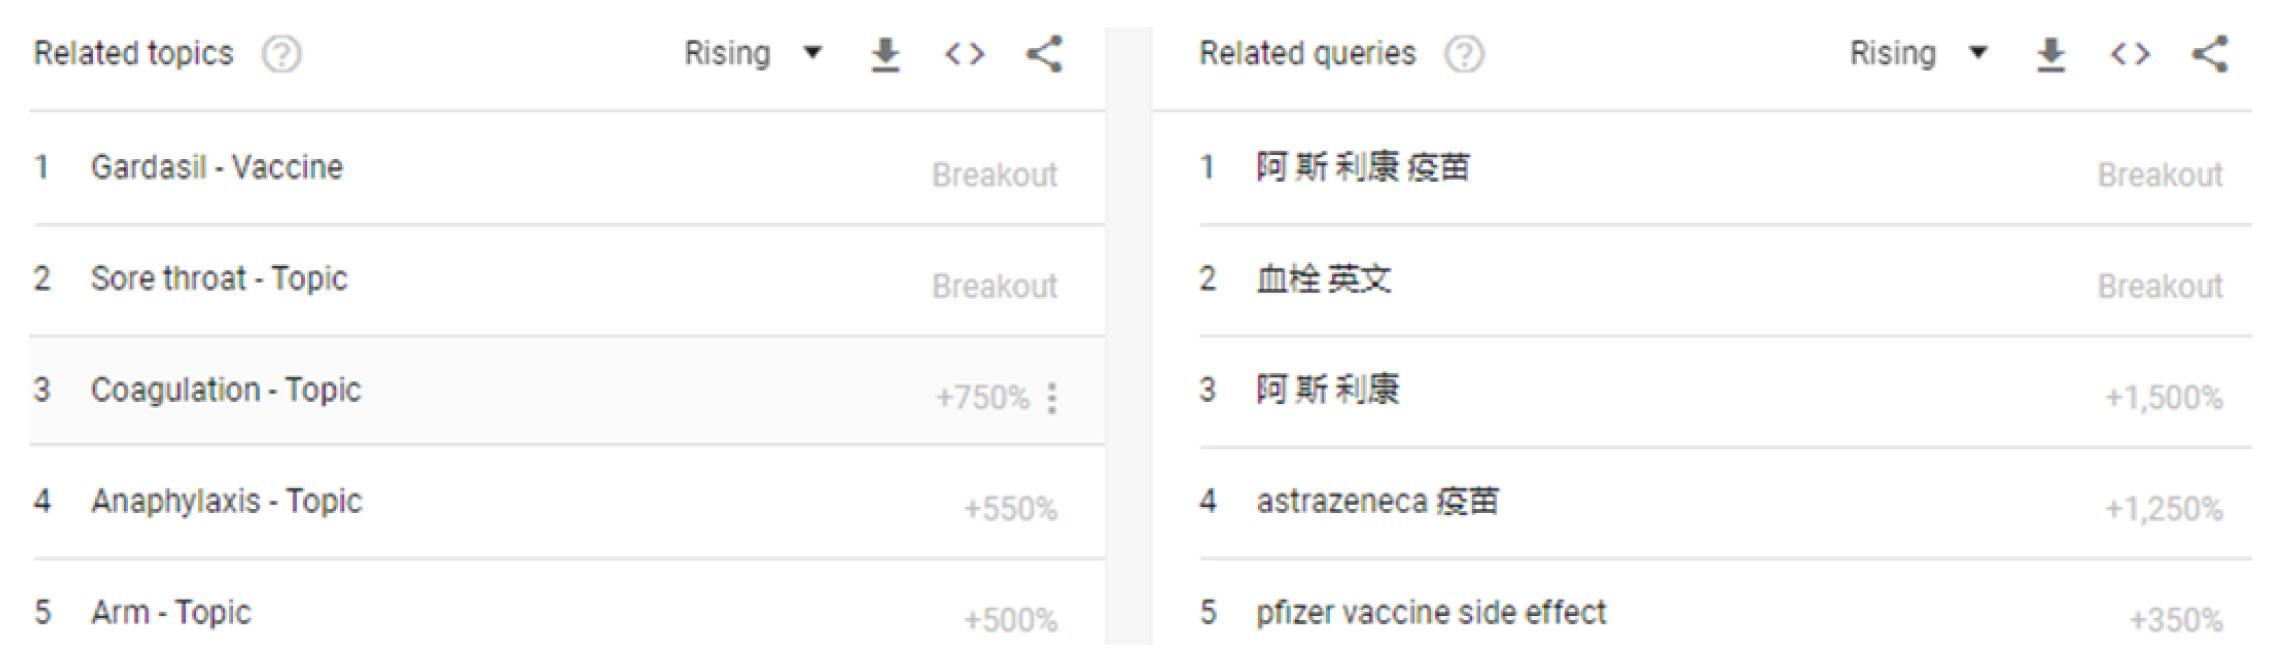 歐洲藥管局發布AZ疫苗可能造成罕見血栓的調查報告後,沒有進到香港的AZ疫苗仍然成為香港疫苗類搜索關鍵字的第1-4名,排名在後的即是「輝瑞BNT疫苗 副作用」。